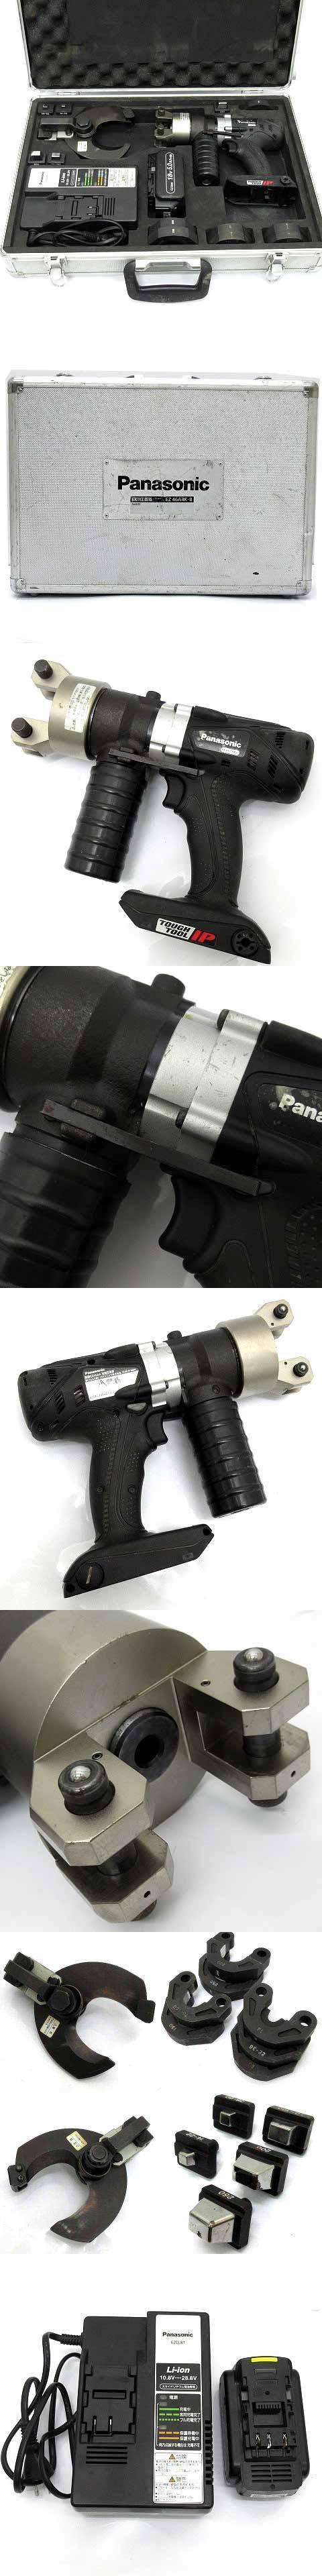 パナソニック Panasonic 充電圧着器 14.4V 18V EZ46A4-B ケース バッテリー 充電器 ケーブルカッター刃 ダイスセット 黒 ブラック 動作確認済み